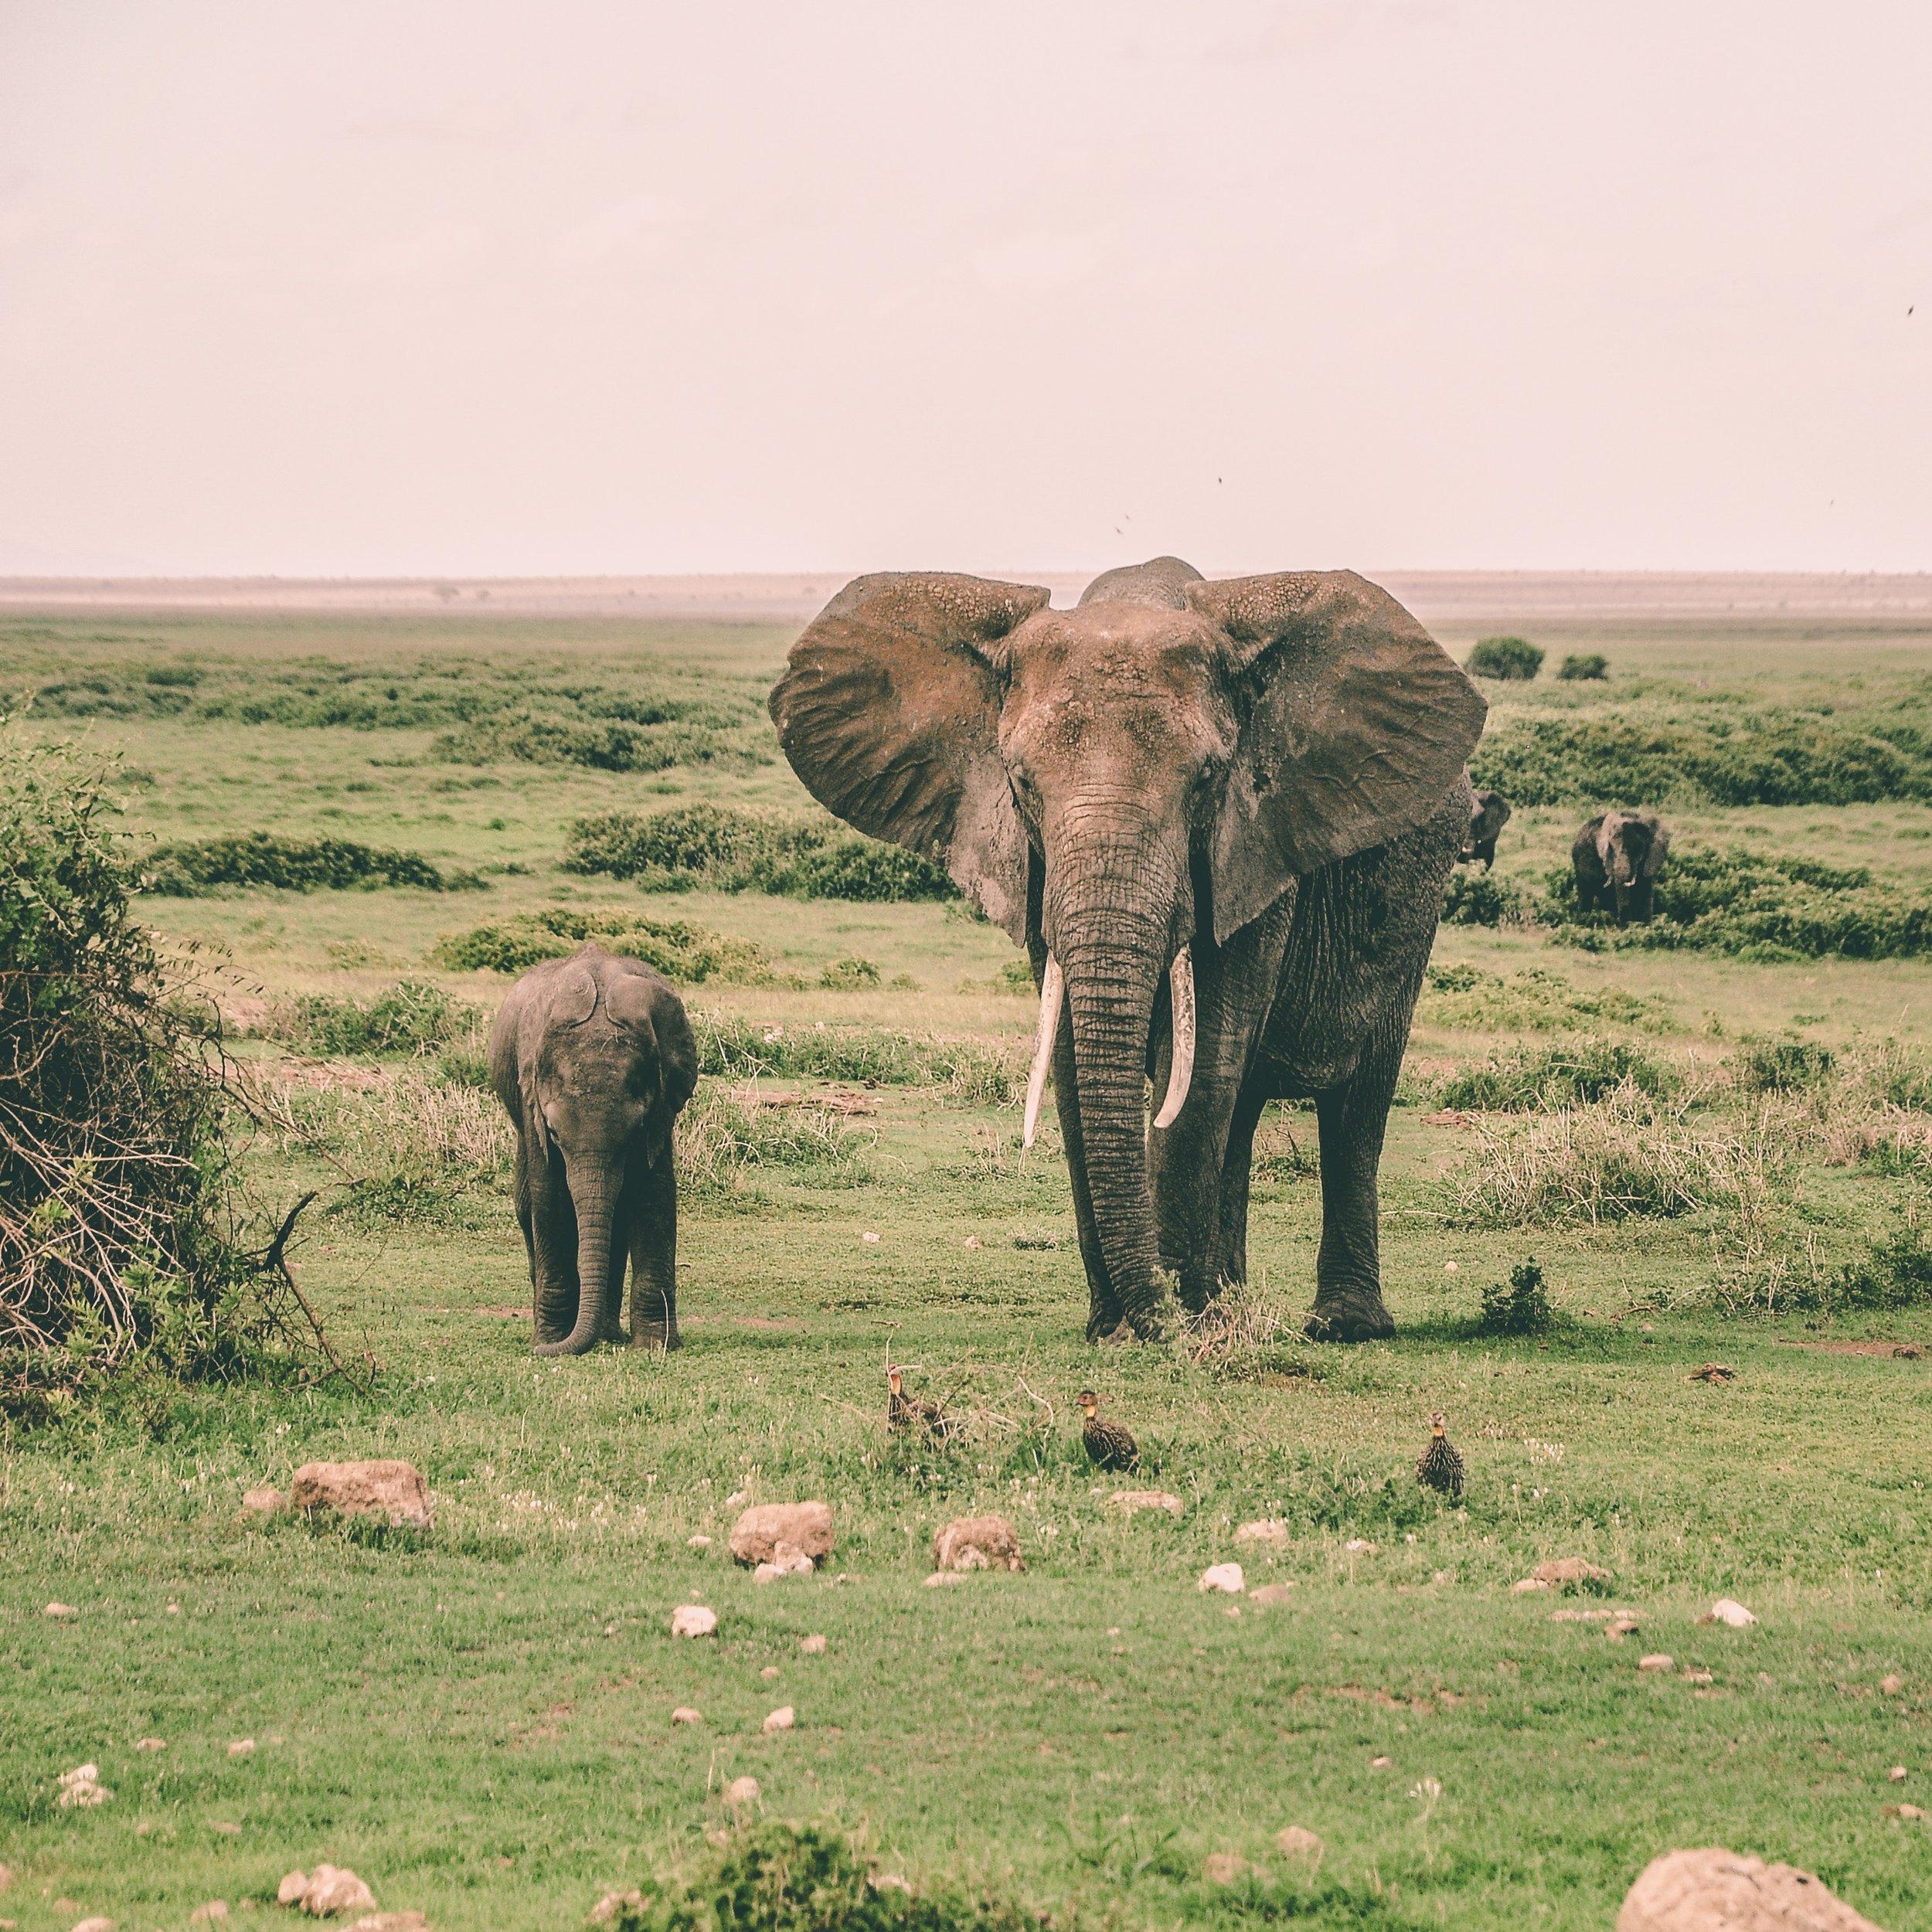 Amboseli National Park, Kenya Photo by  Harshil Gudka  on  Unsplash